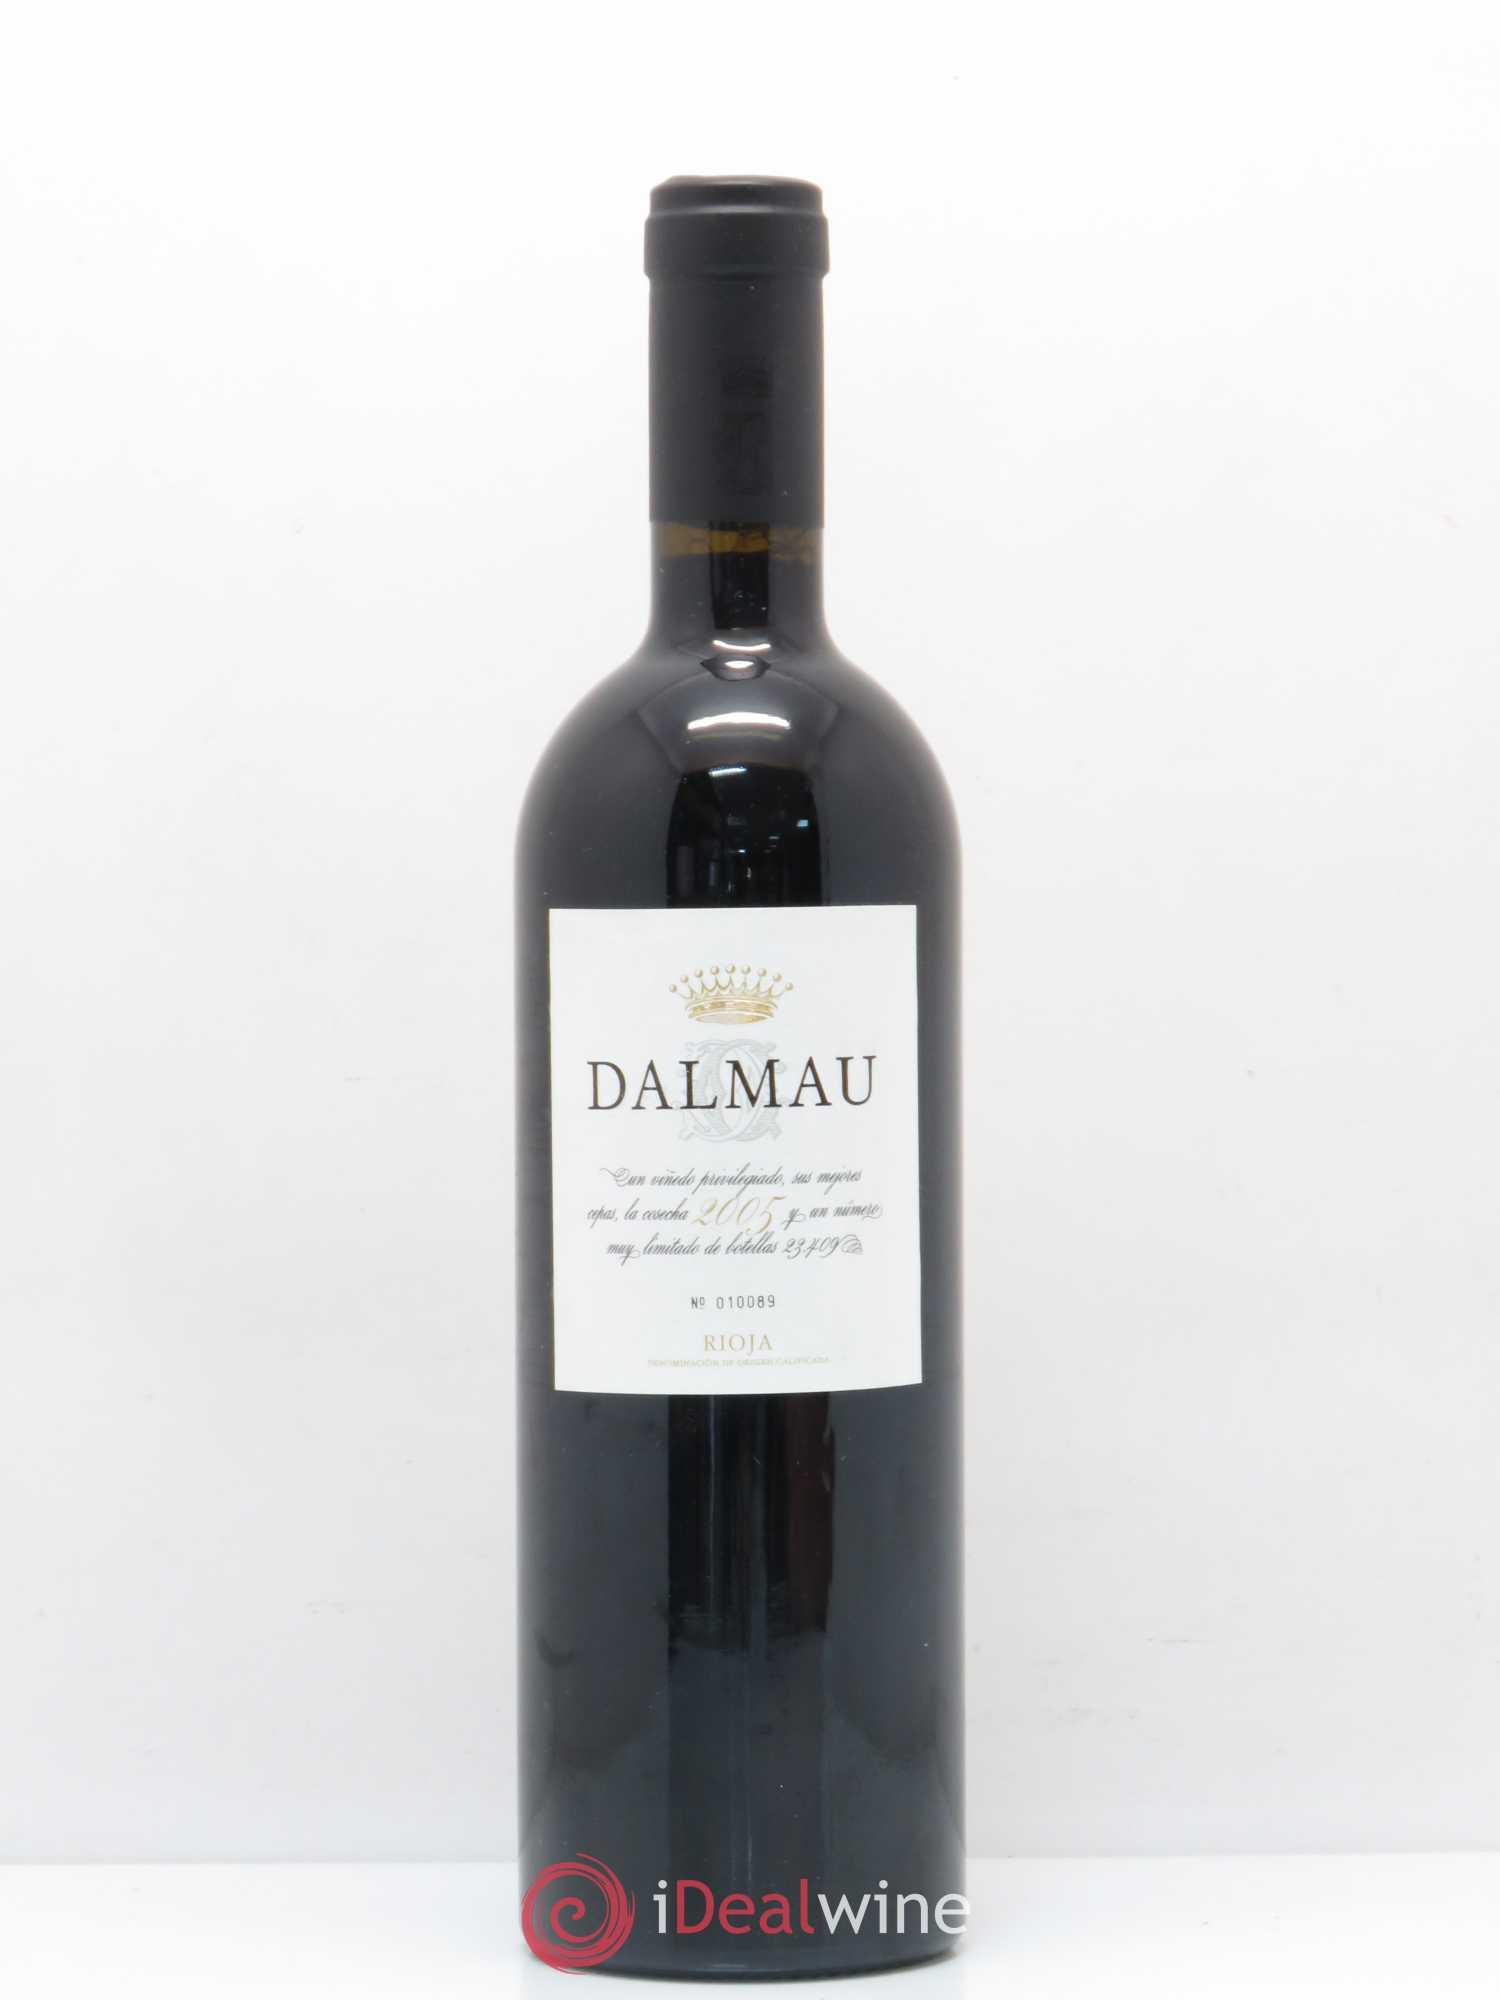 Online wine auction - iDealwine